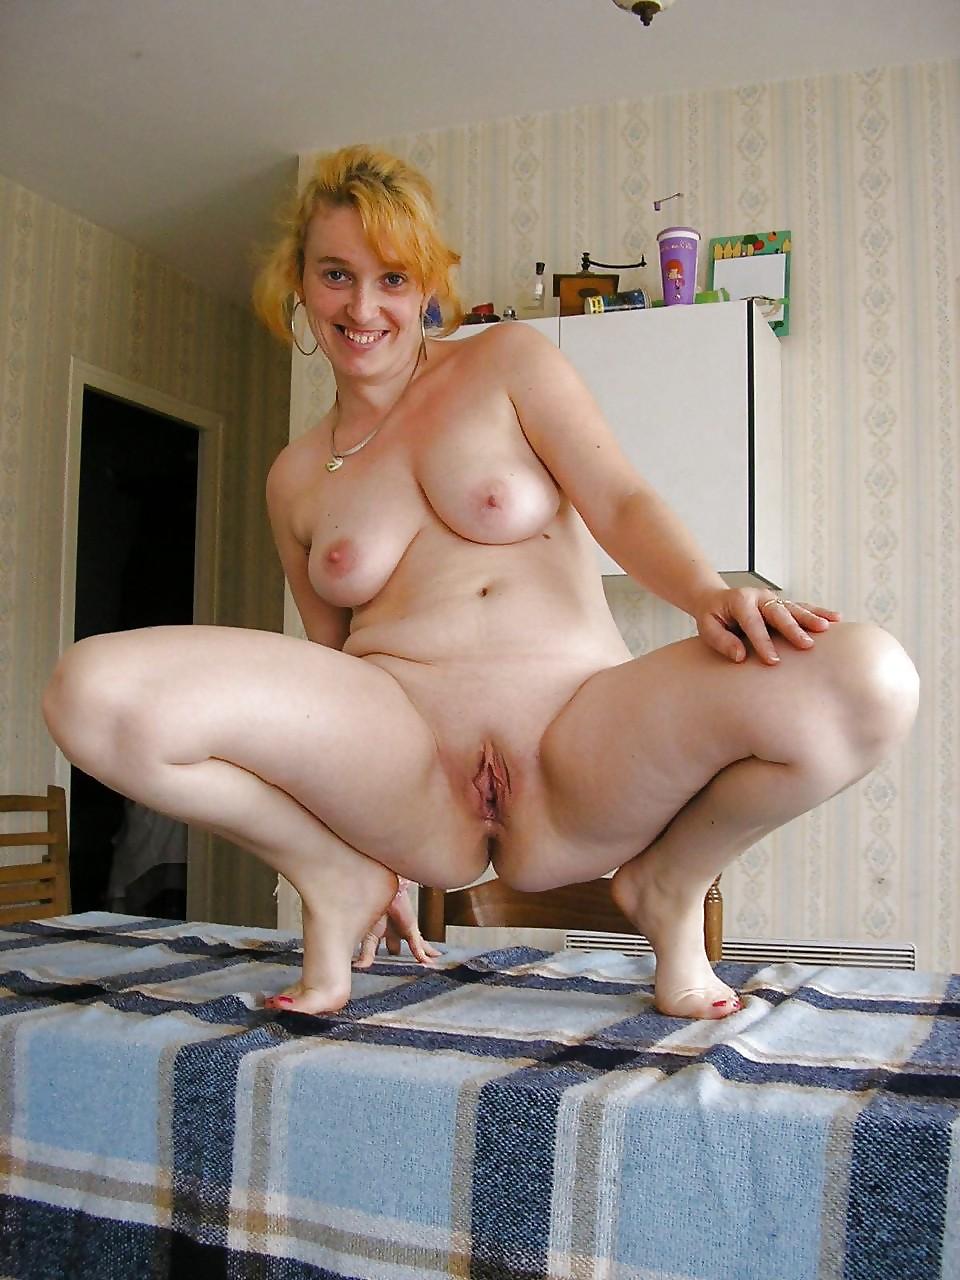 нас голые женщины в возрасте порно ххх фото мужики чаще всего